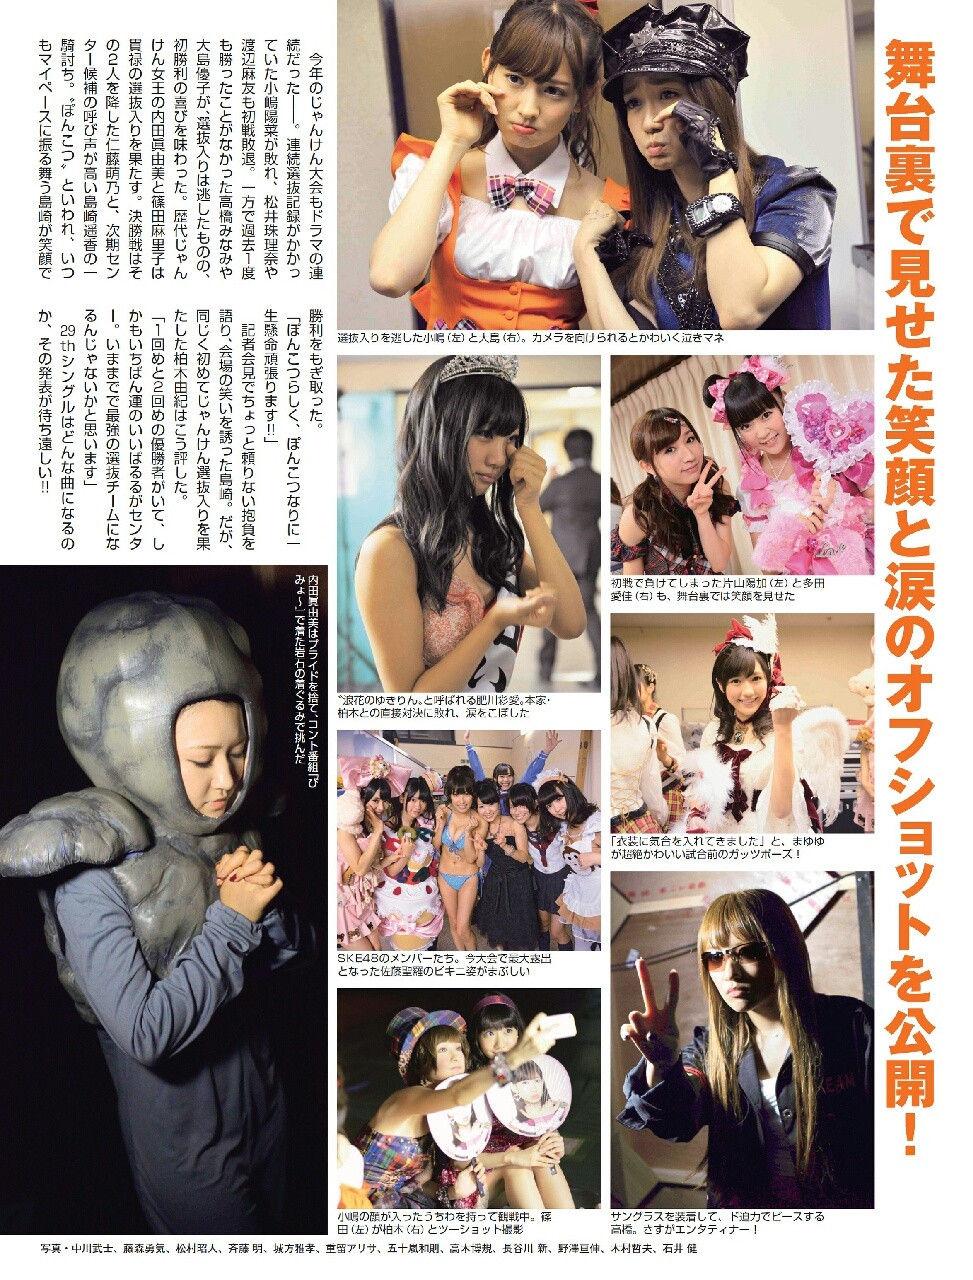 http://livedoor.blogimg.jp/affilikun1-333/imgs/a/4/a446d116.jpg